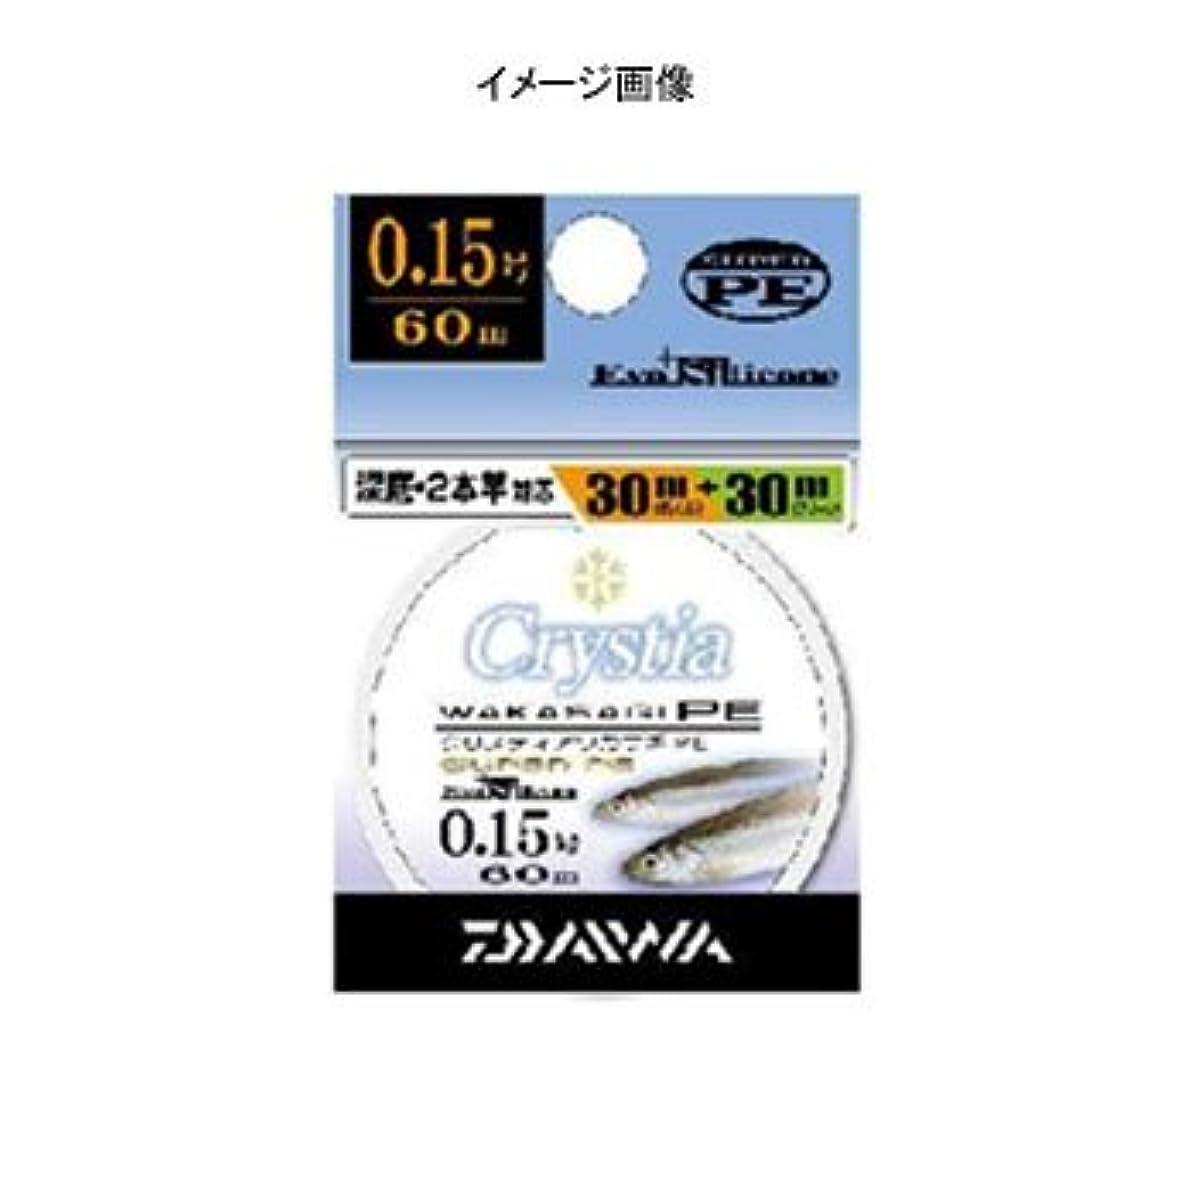 すぐに影トロリーバスダイワ(Daiwa) PEライン クリスティア ワカサギ PE 60m 0.5号 マルチカラー